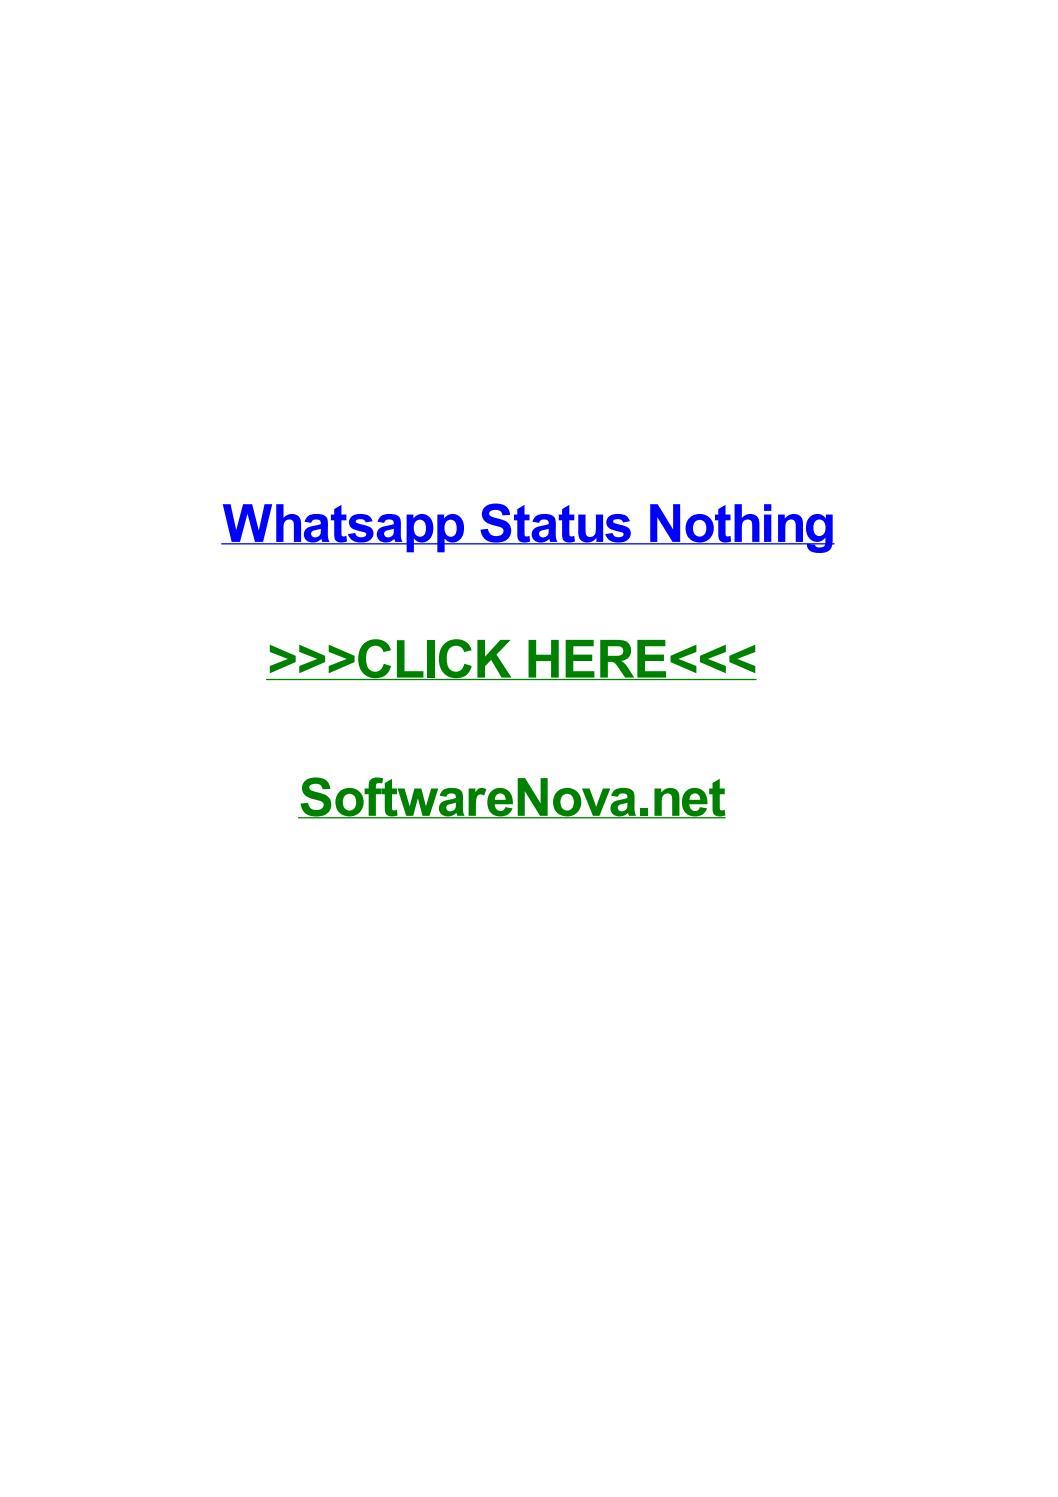 Whatsapp Status Nothing By Christinemvpb Issuu